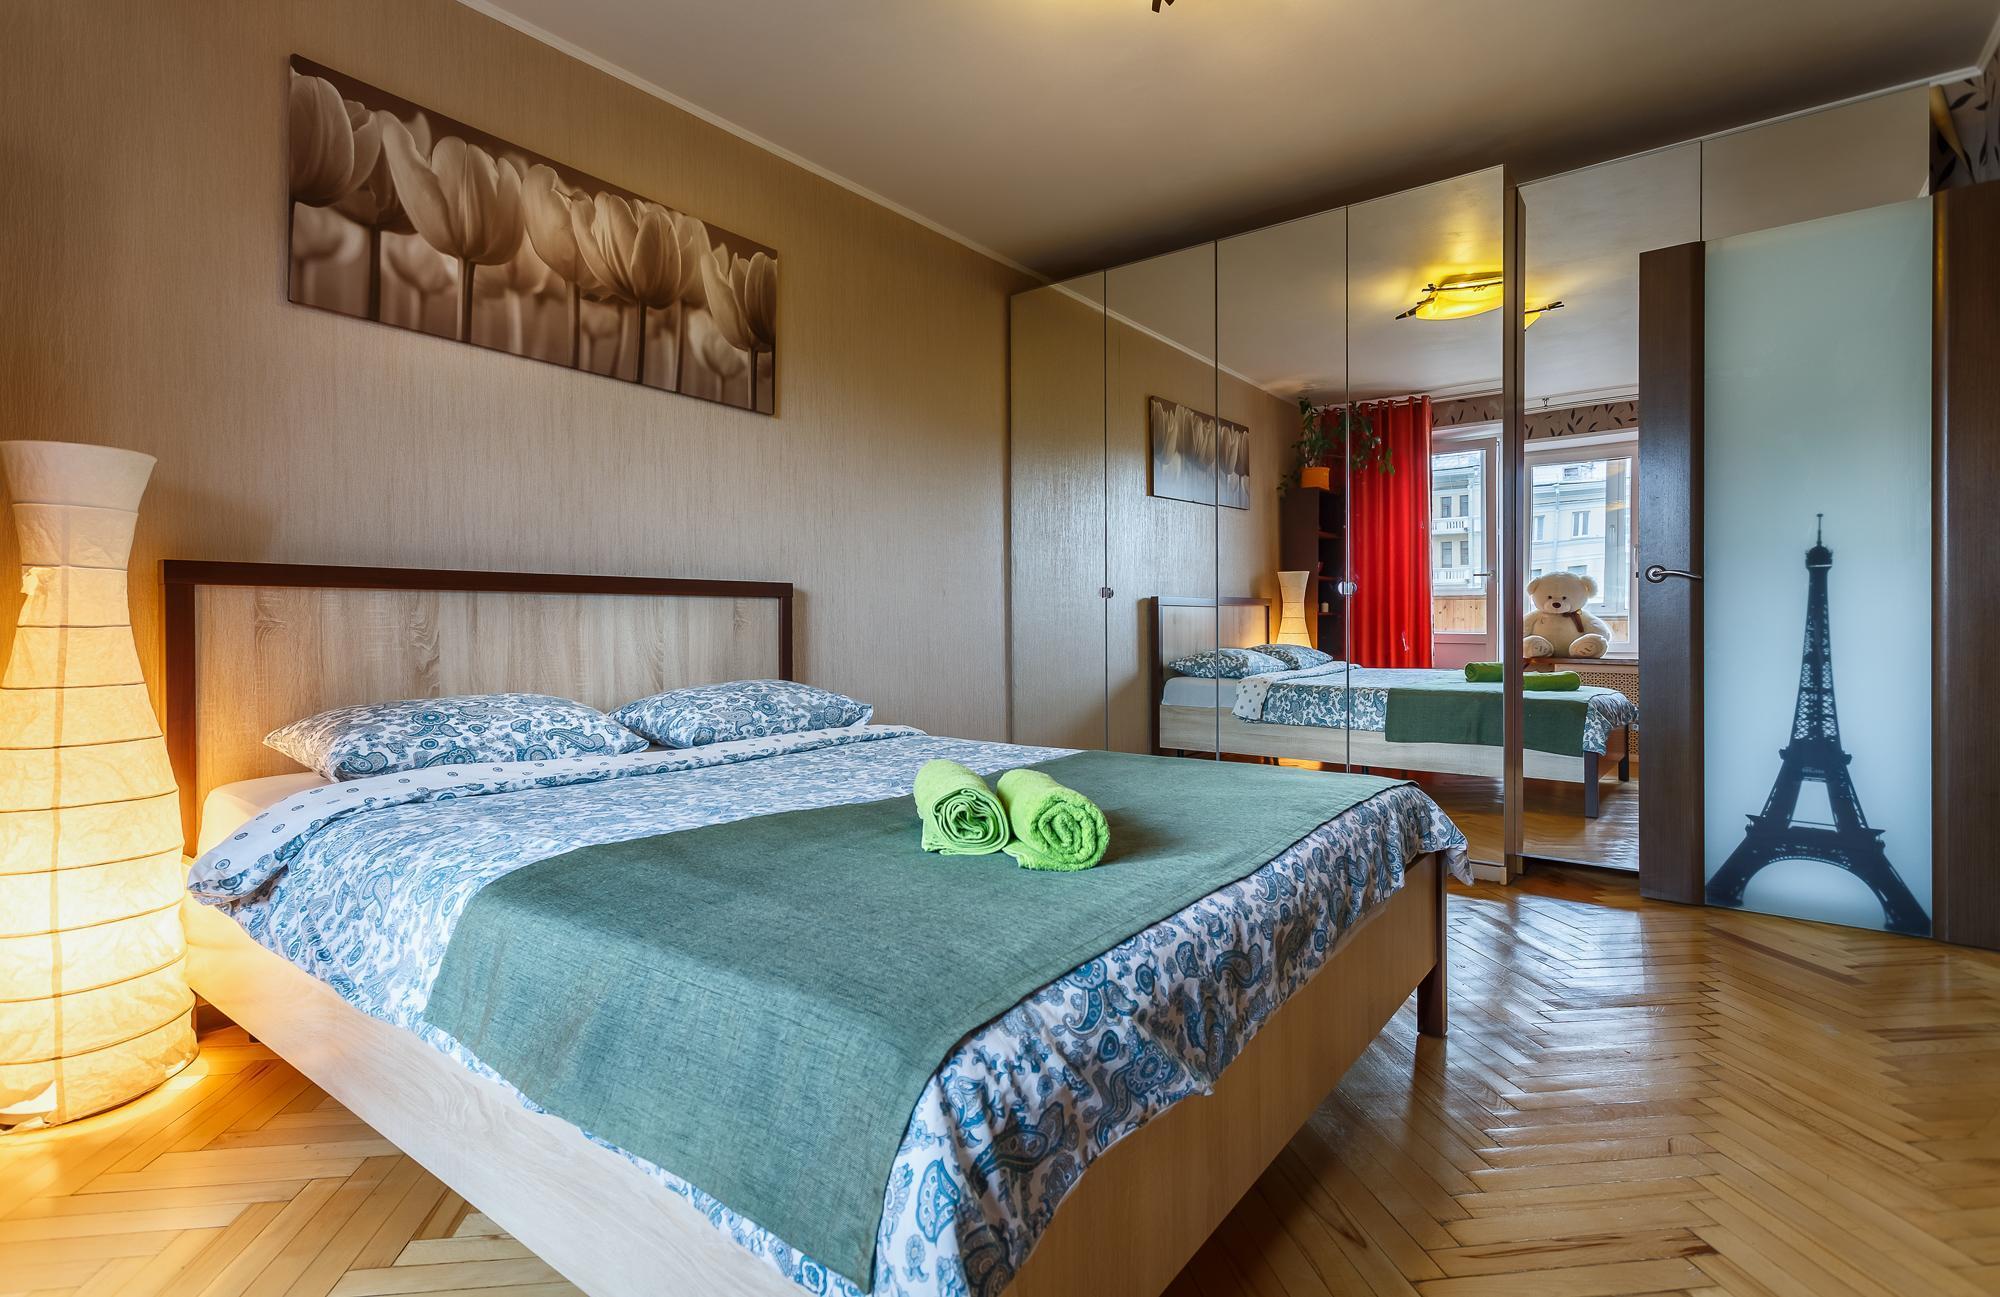 Apartment Gorky Park